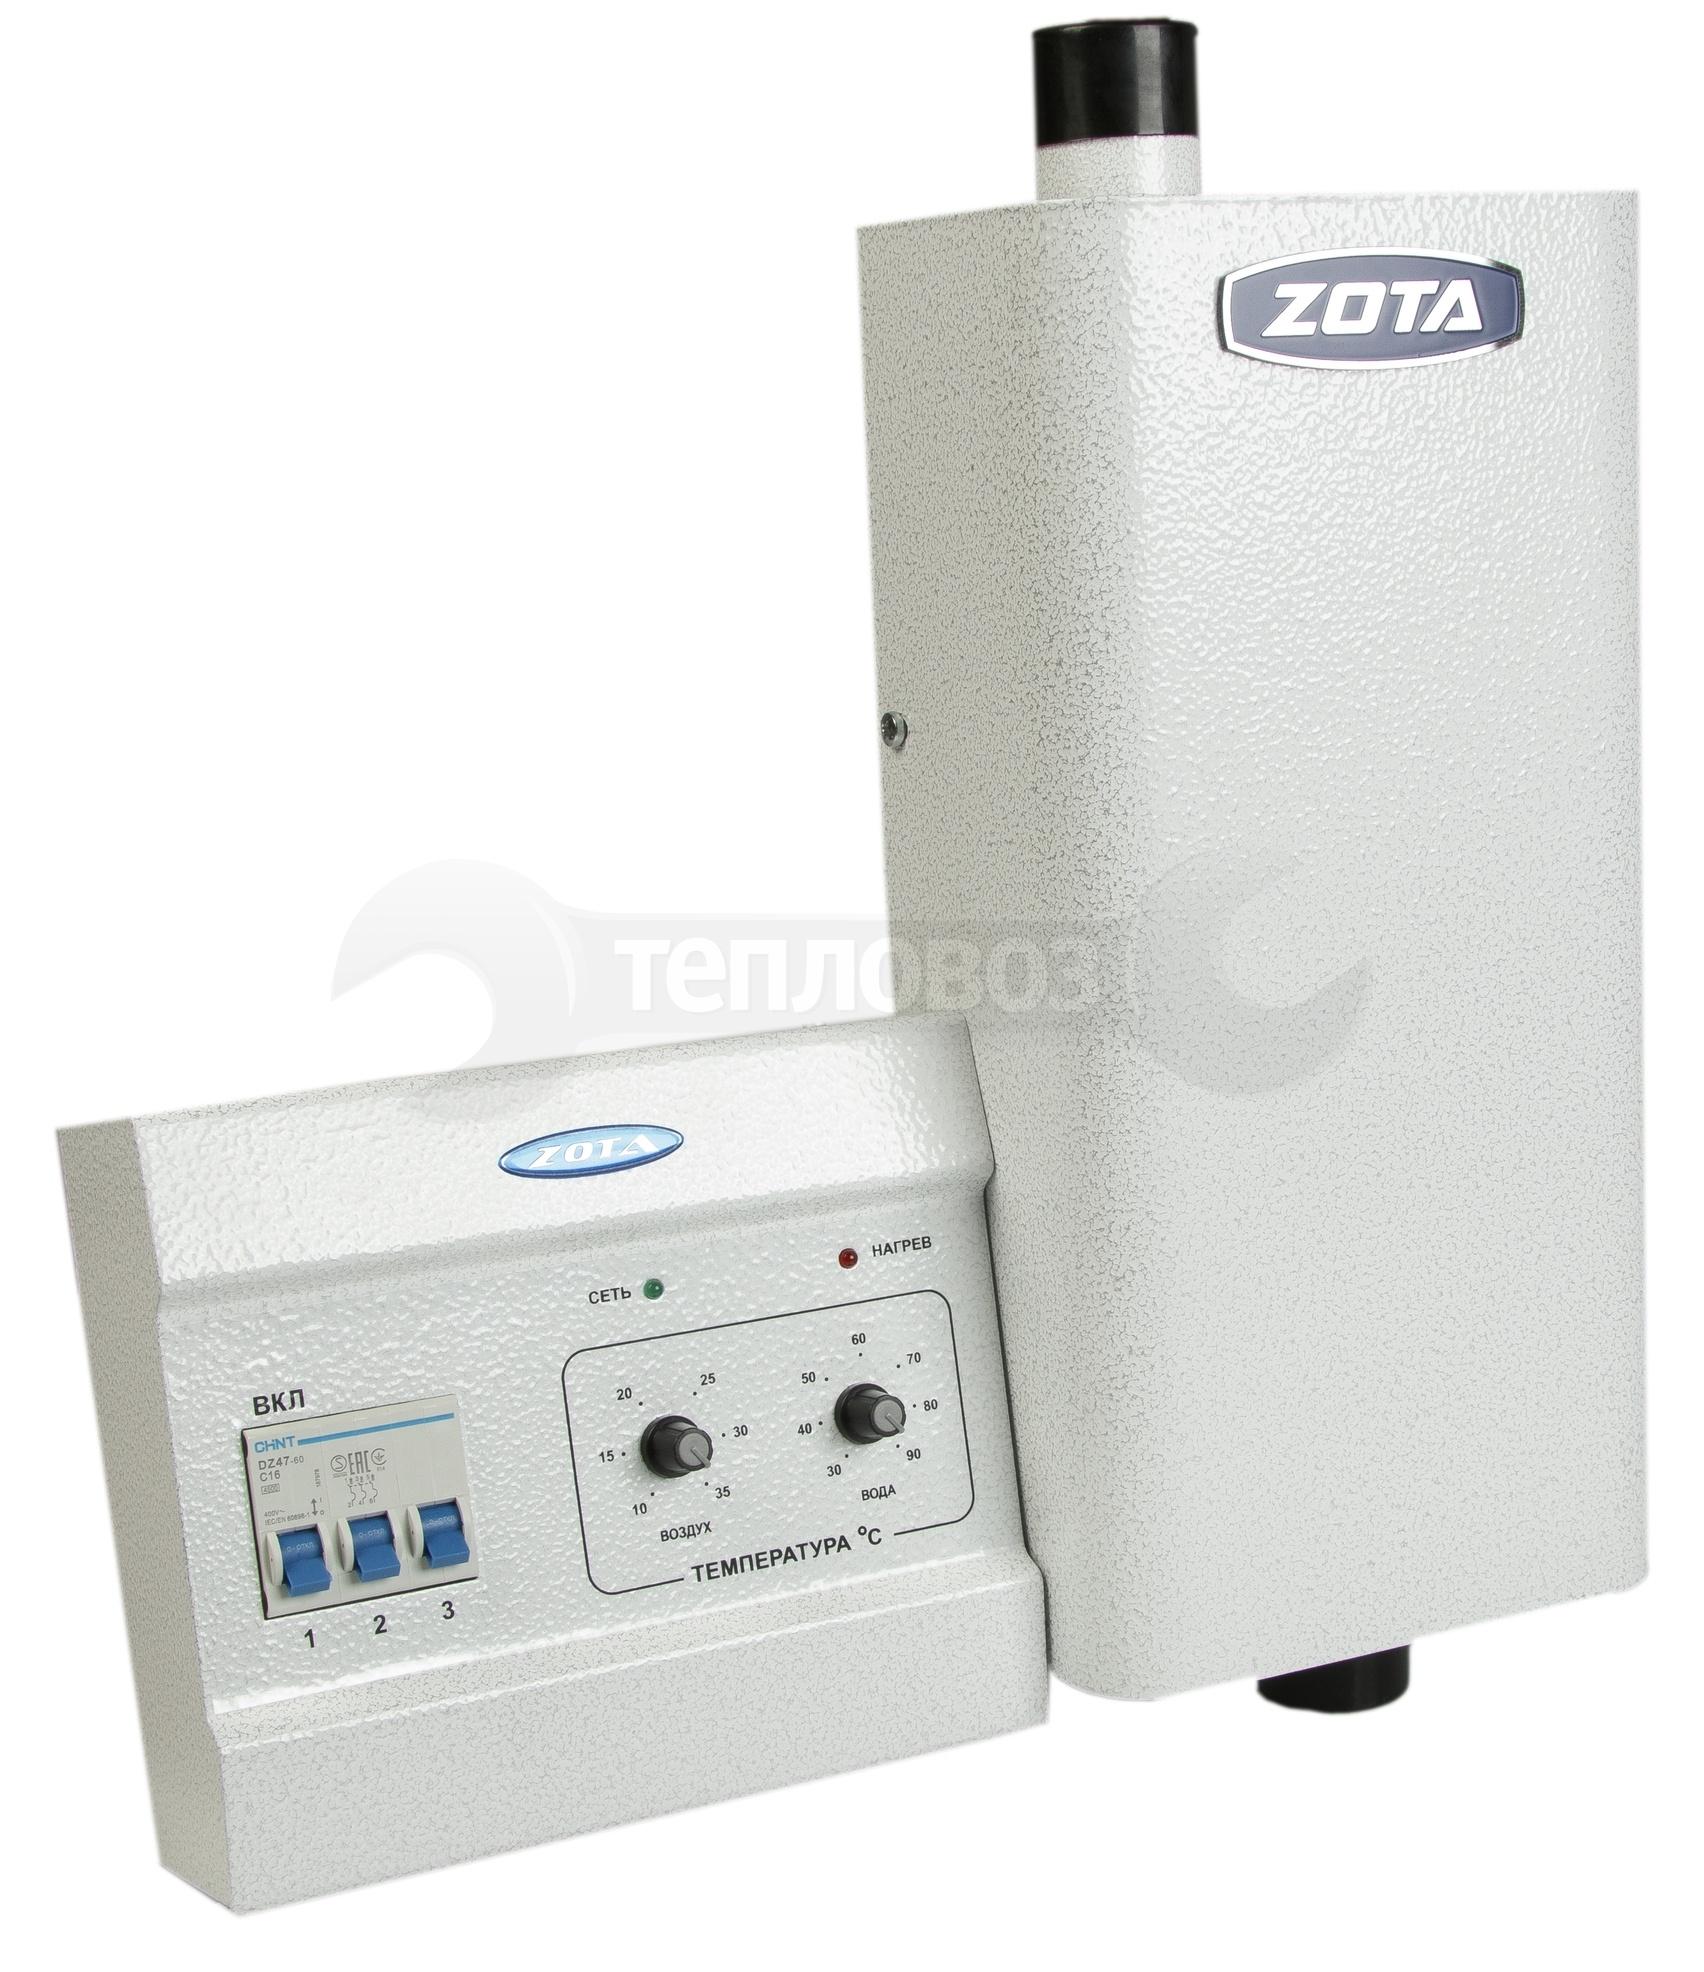 Купить Zota Econom, 4,5 кВт, с пультом управления в интернет-магазине Дождь